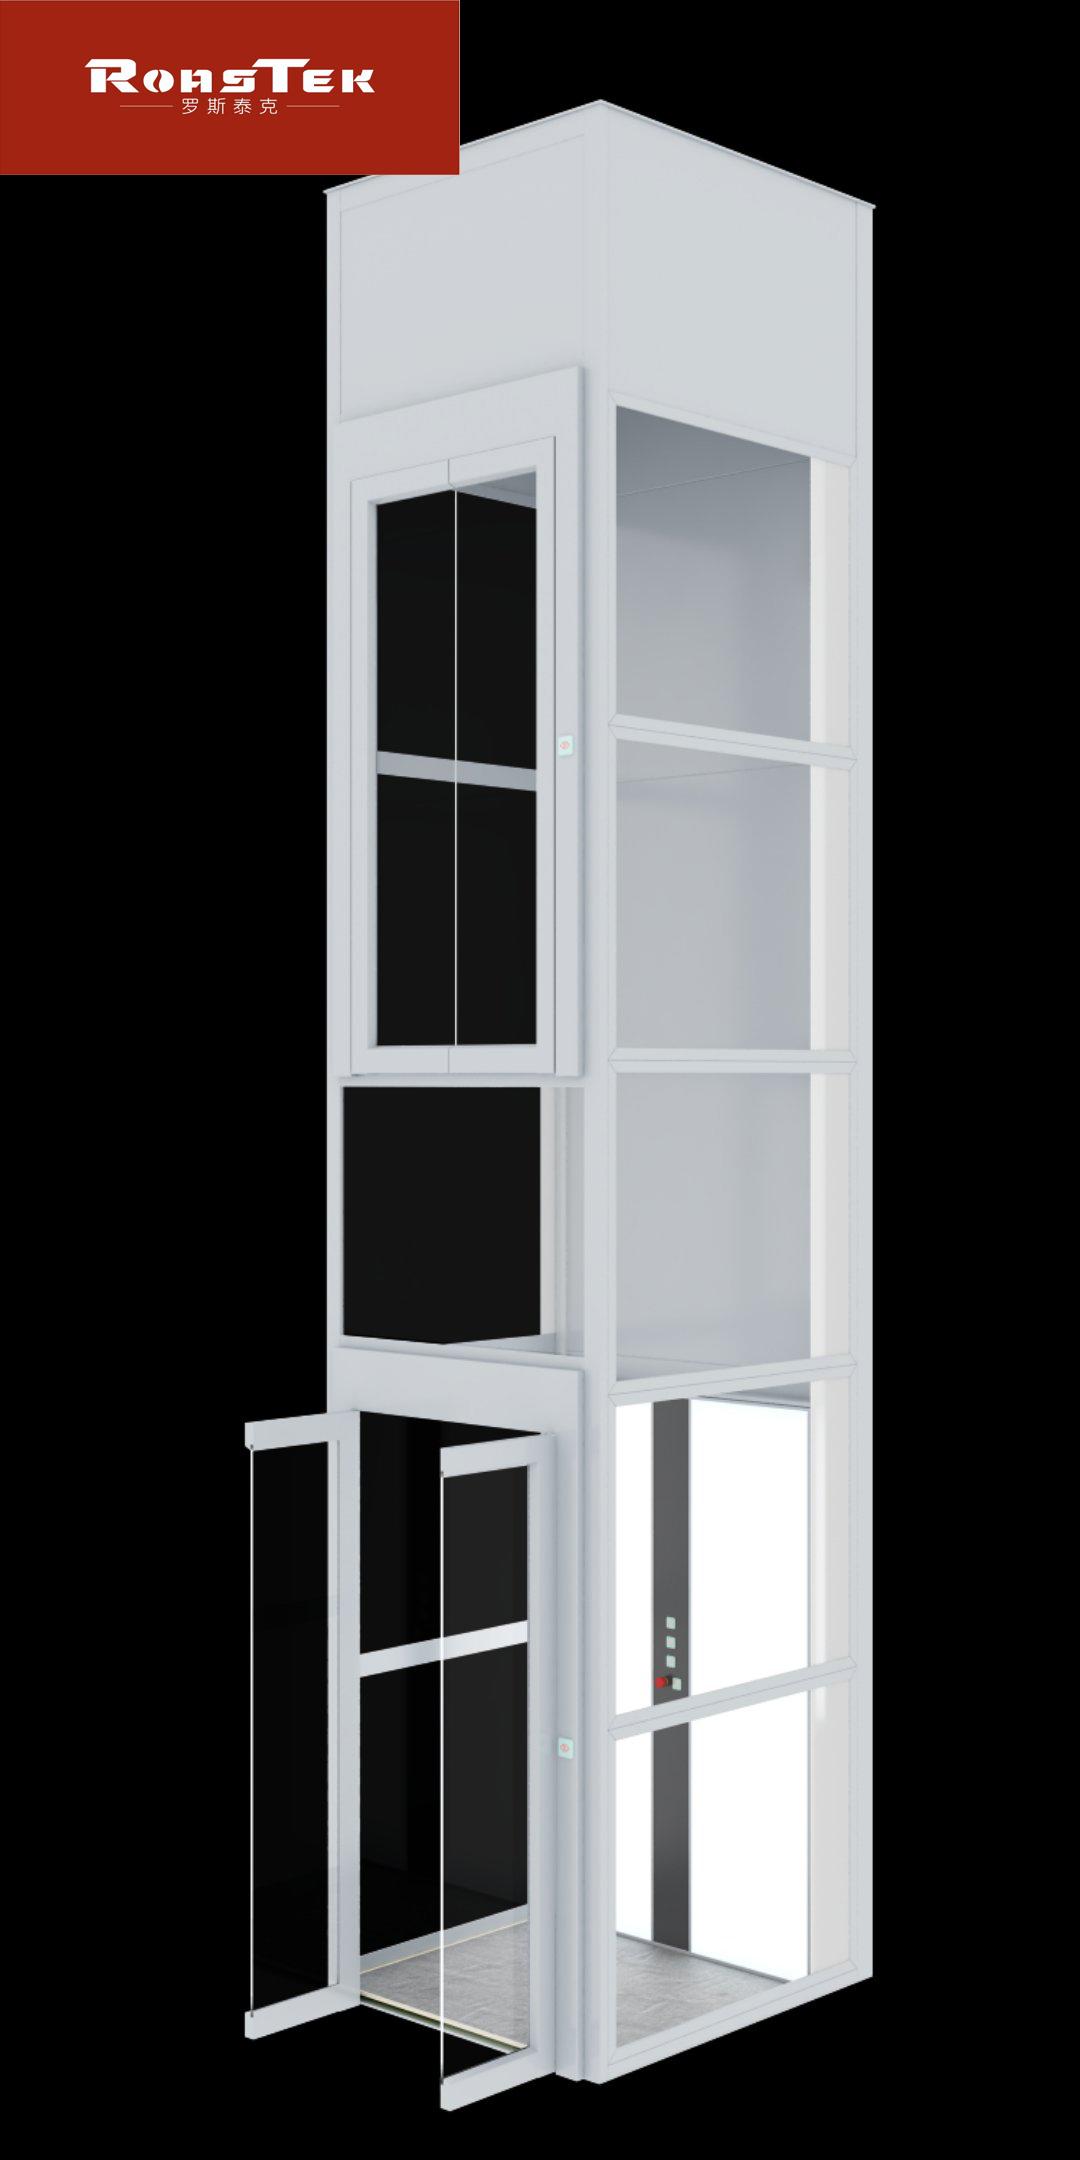 更小的别墅电梯,占地1平方米,载重250KG,可乘坐2-3人